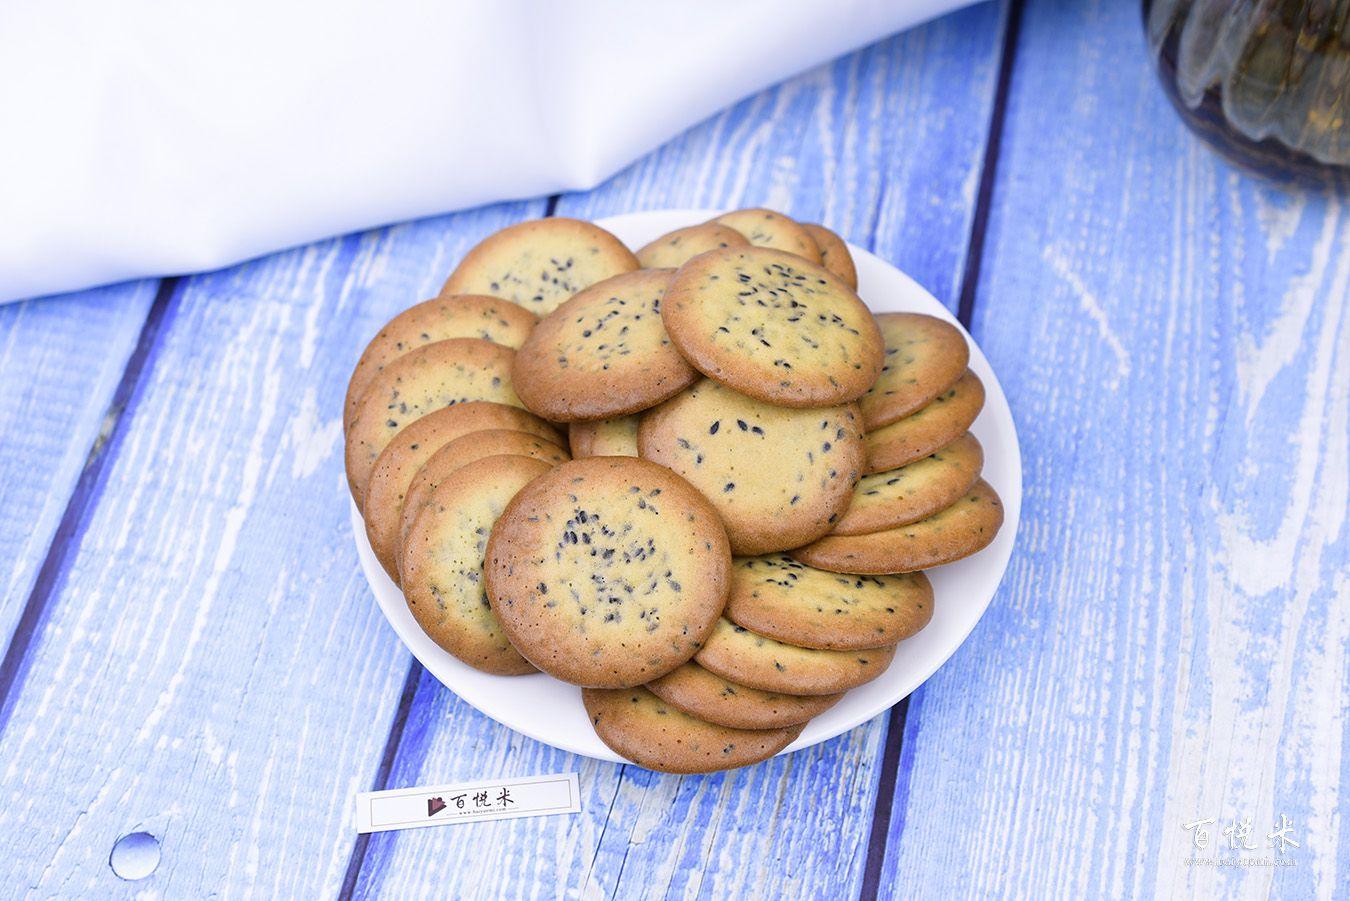 黑芝麻鸡蛋瓦片饼干高清图片大全【蛋糕图片】_998